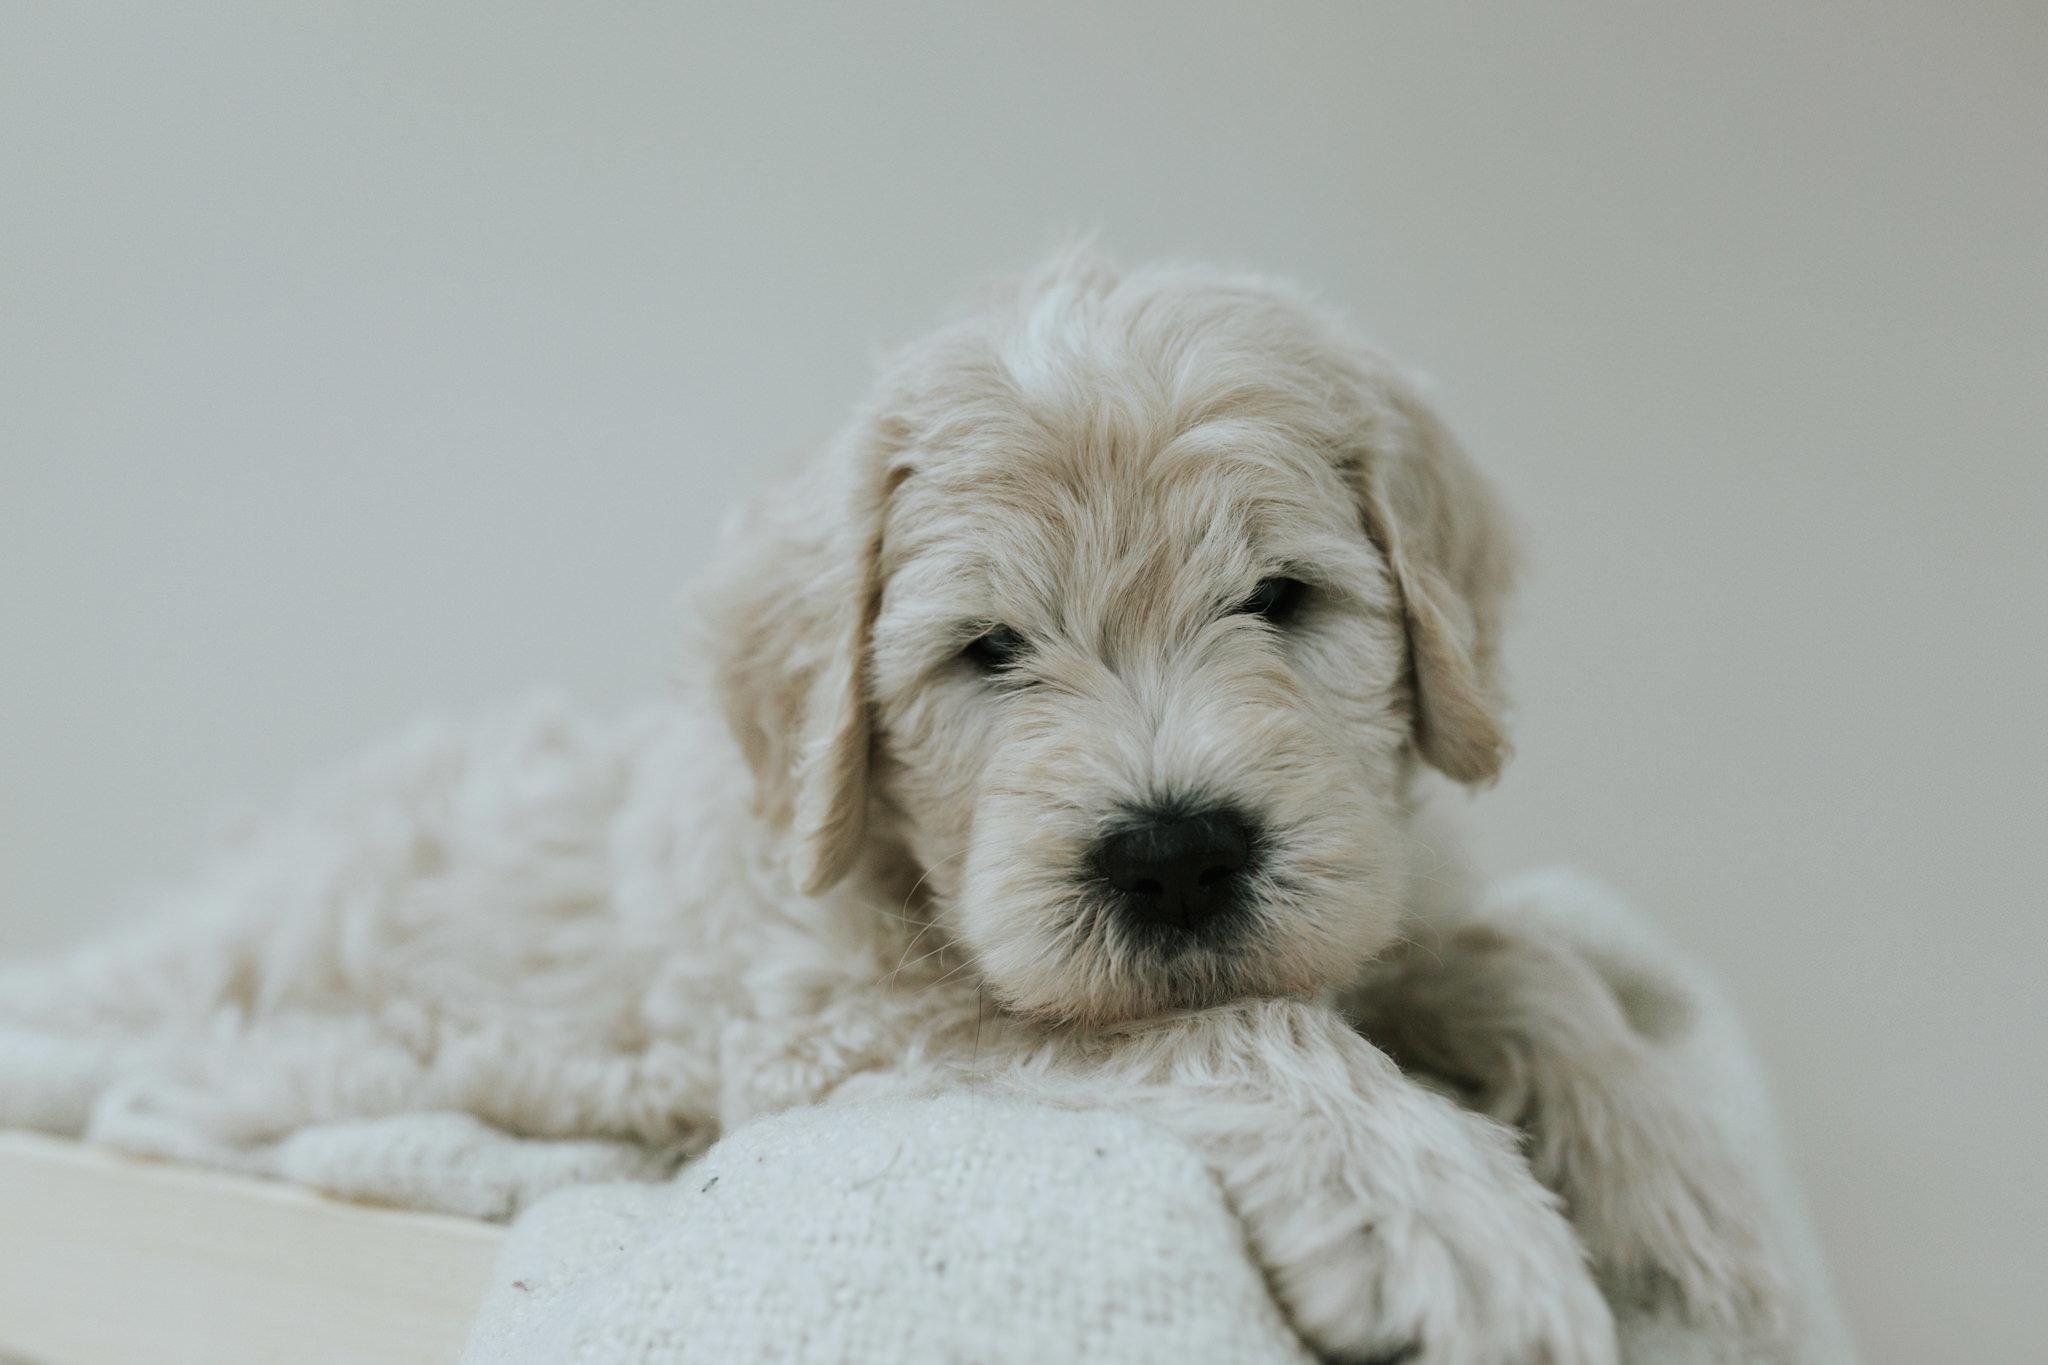 Puppies-Week-6-135.jpg